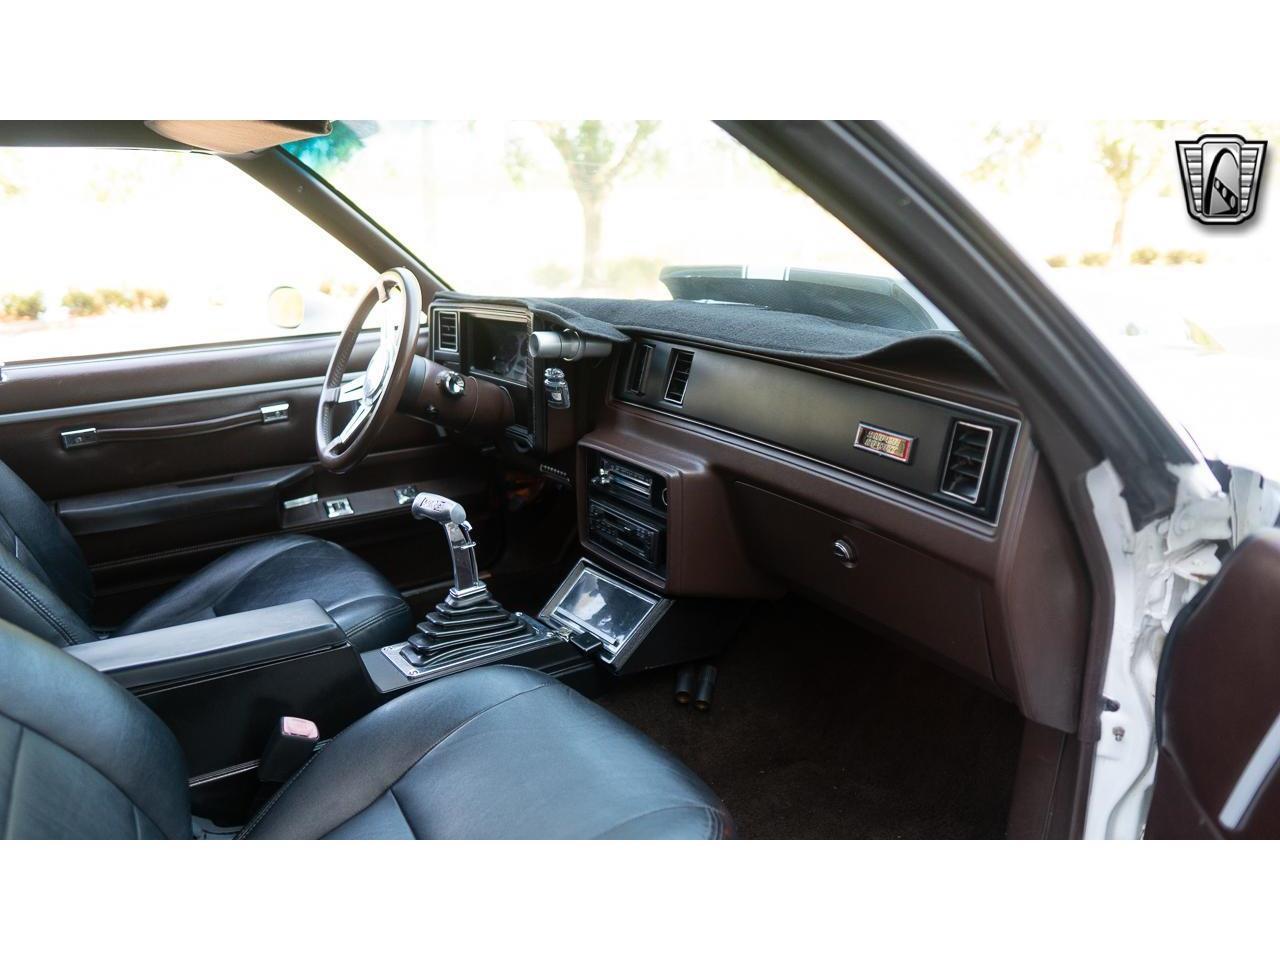 1984 Chevrolet El Camino (CC-1343627) for sale in O'Fallon, Illinois